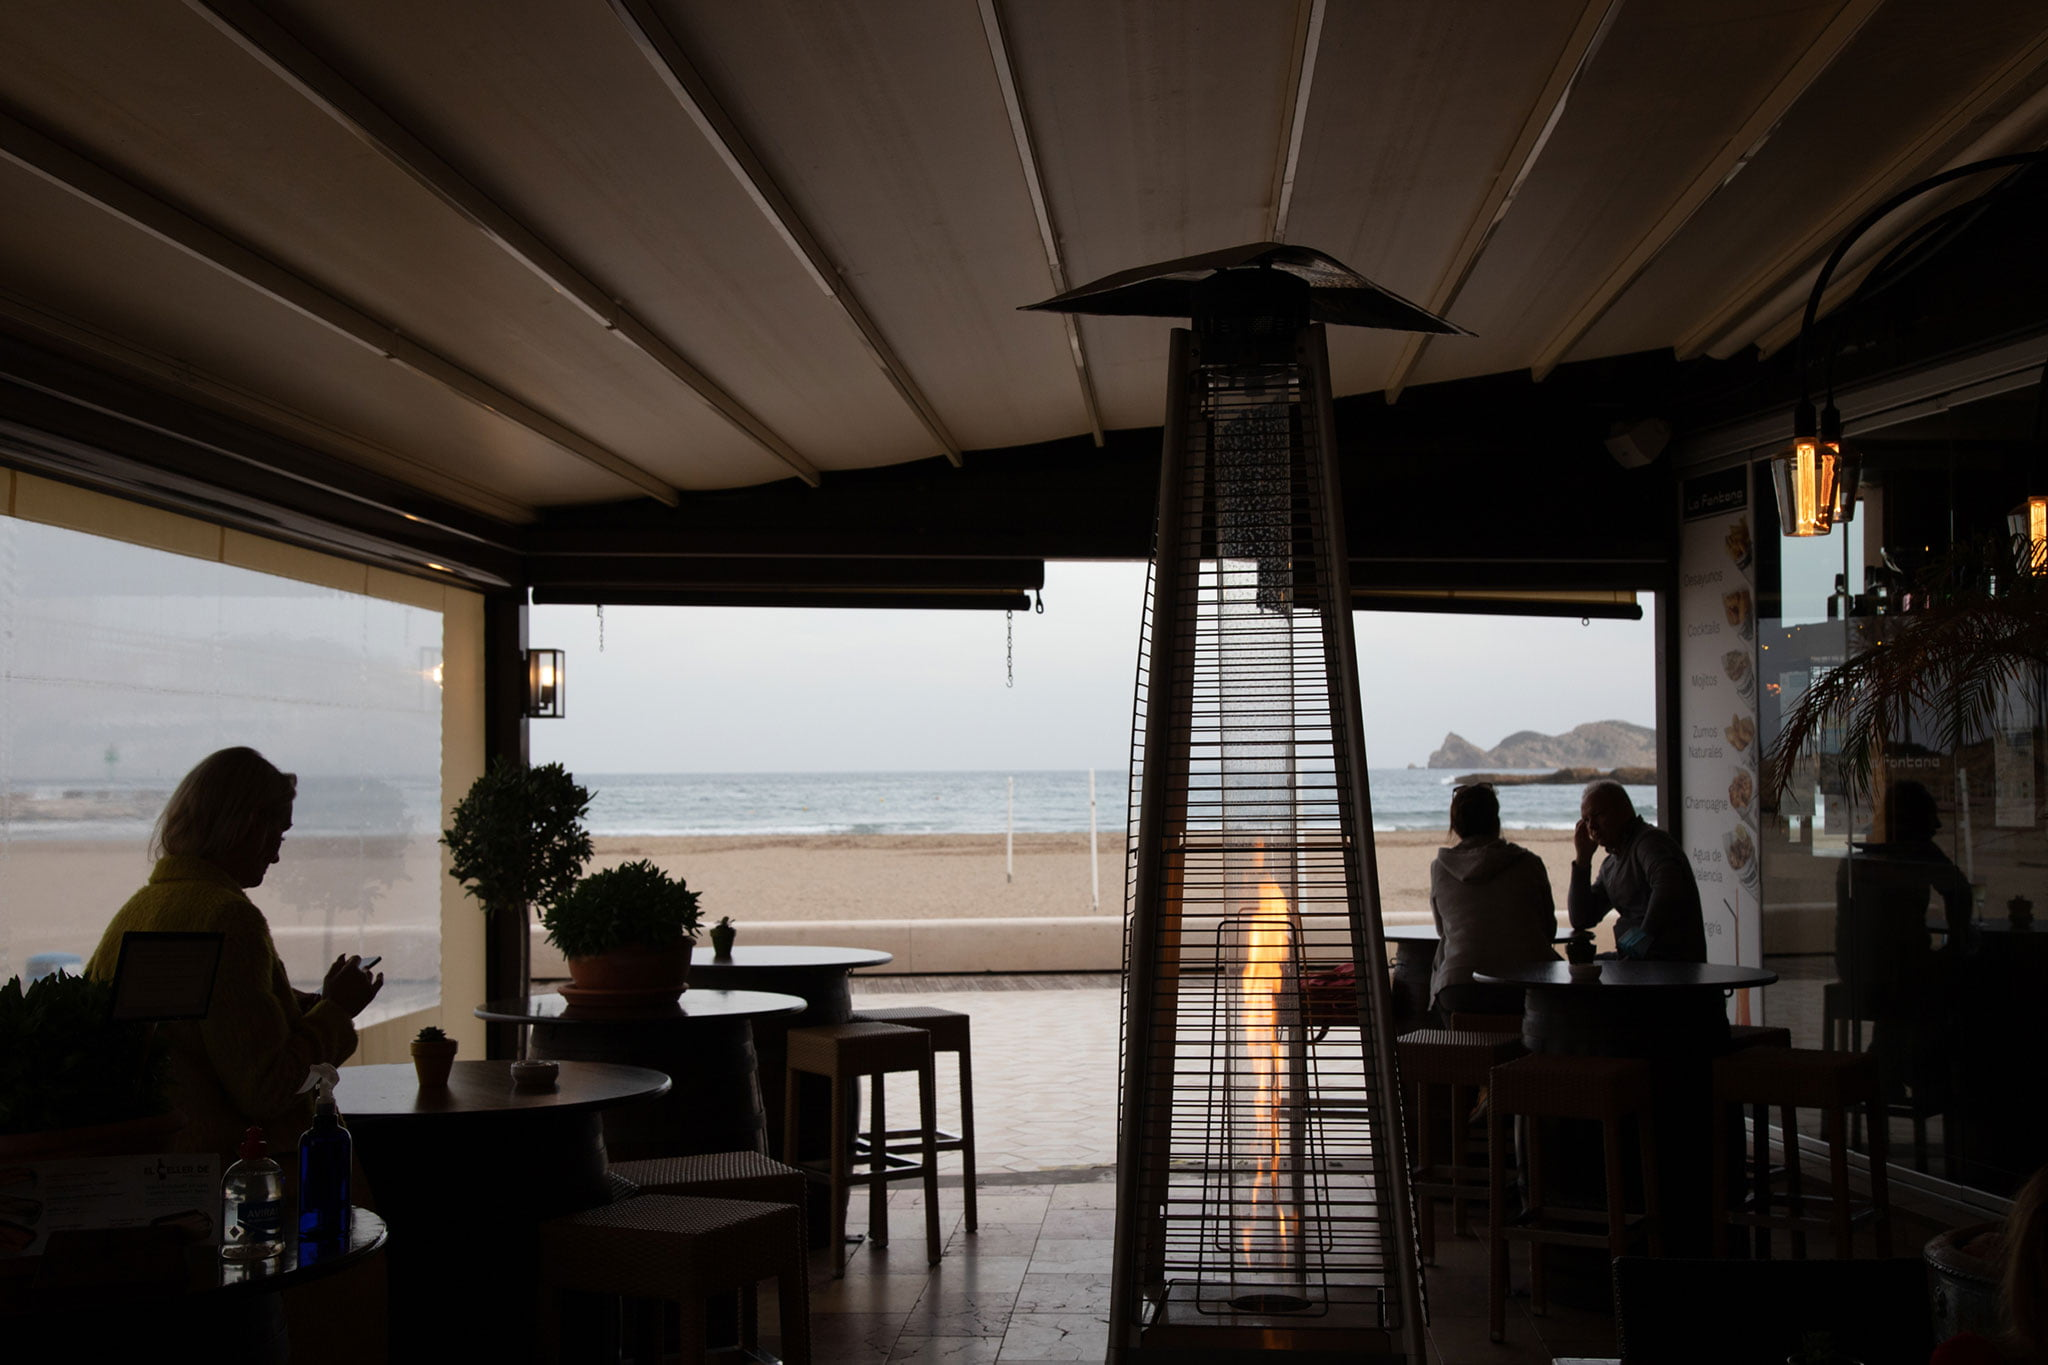 Estufas para aclimatar al lado del mar – Restaurante La Fontana